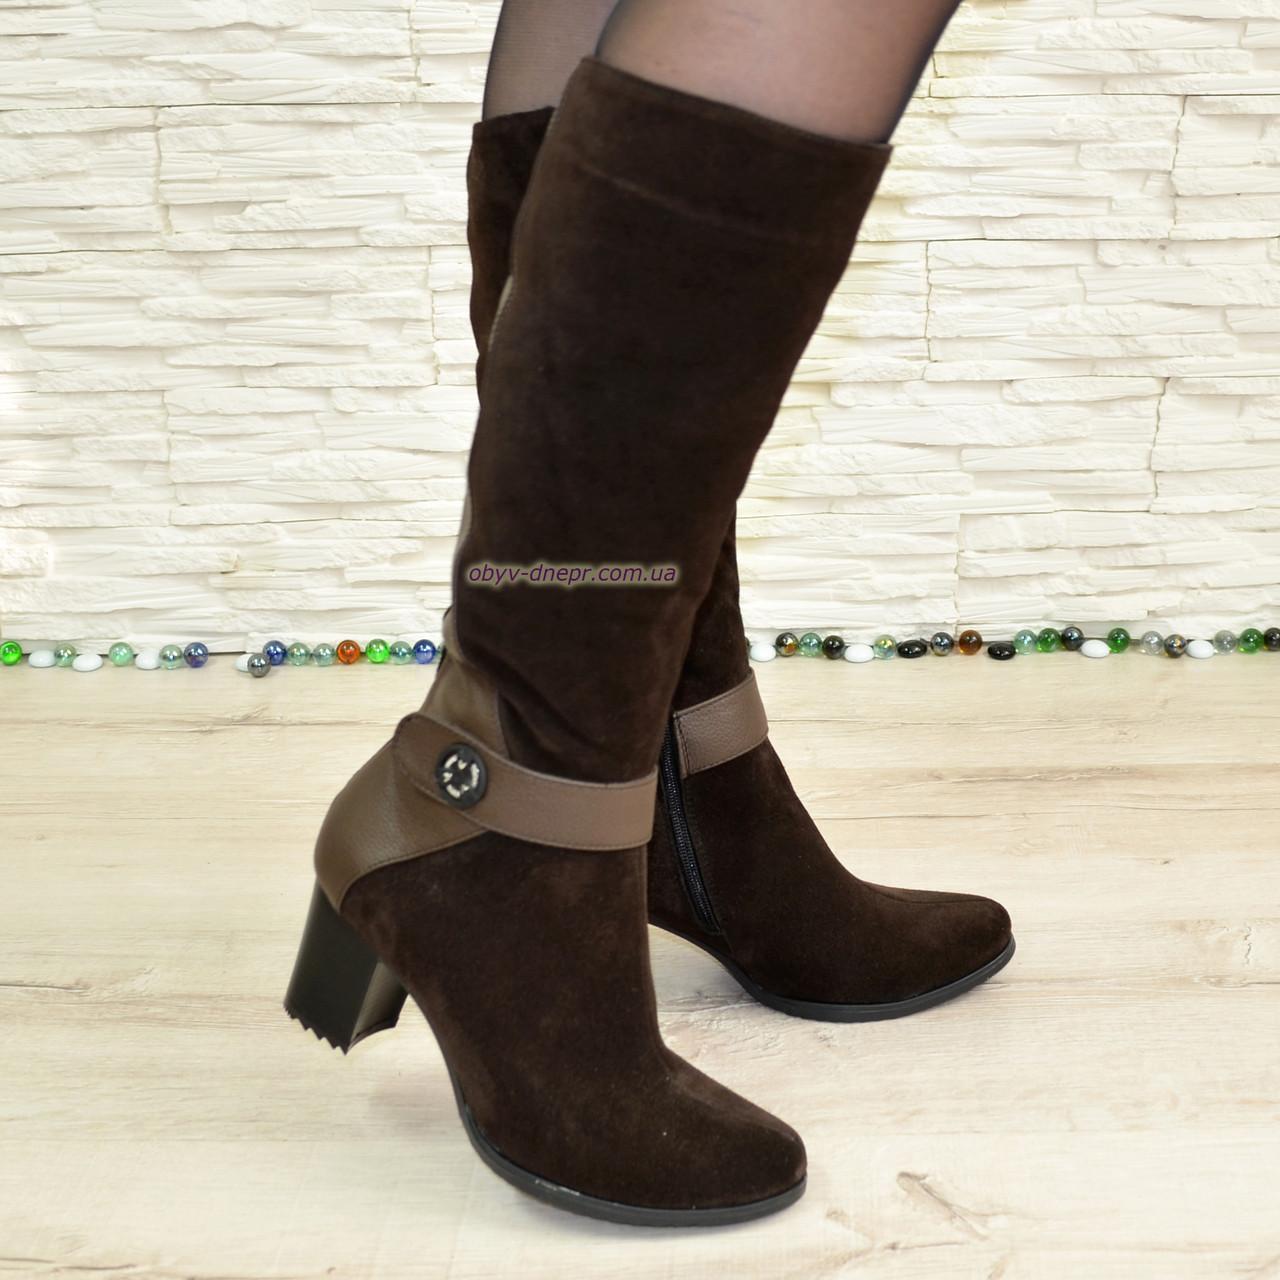 Сапоги коричневые демисезонные женские на невысоком каблуке, натуральная кожа и замша.